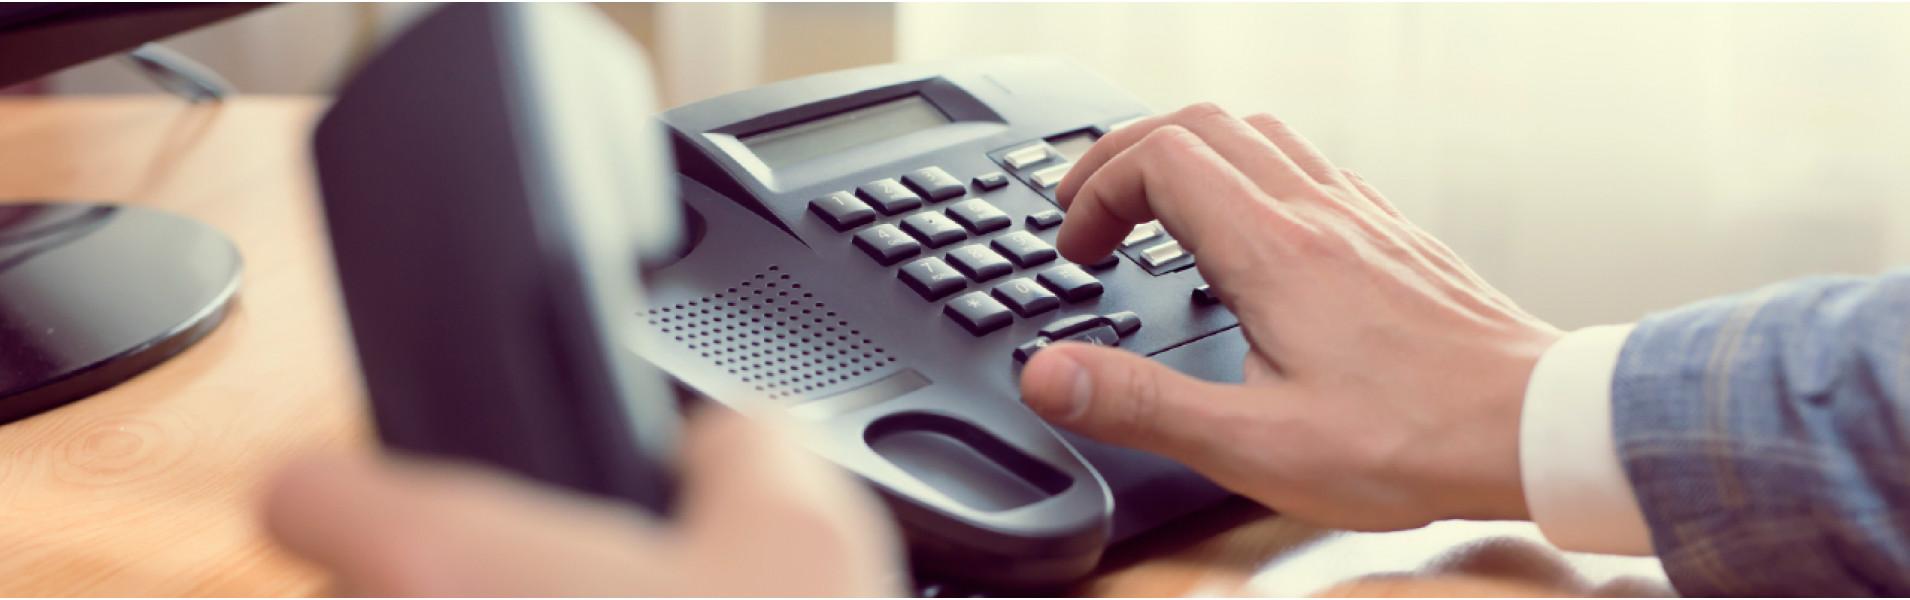 Продажа аналоговых стационарных телефонов